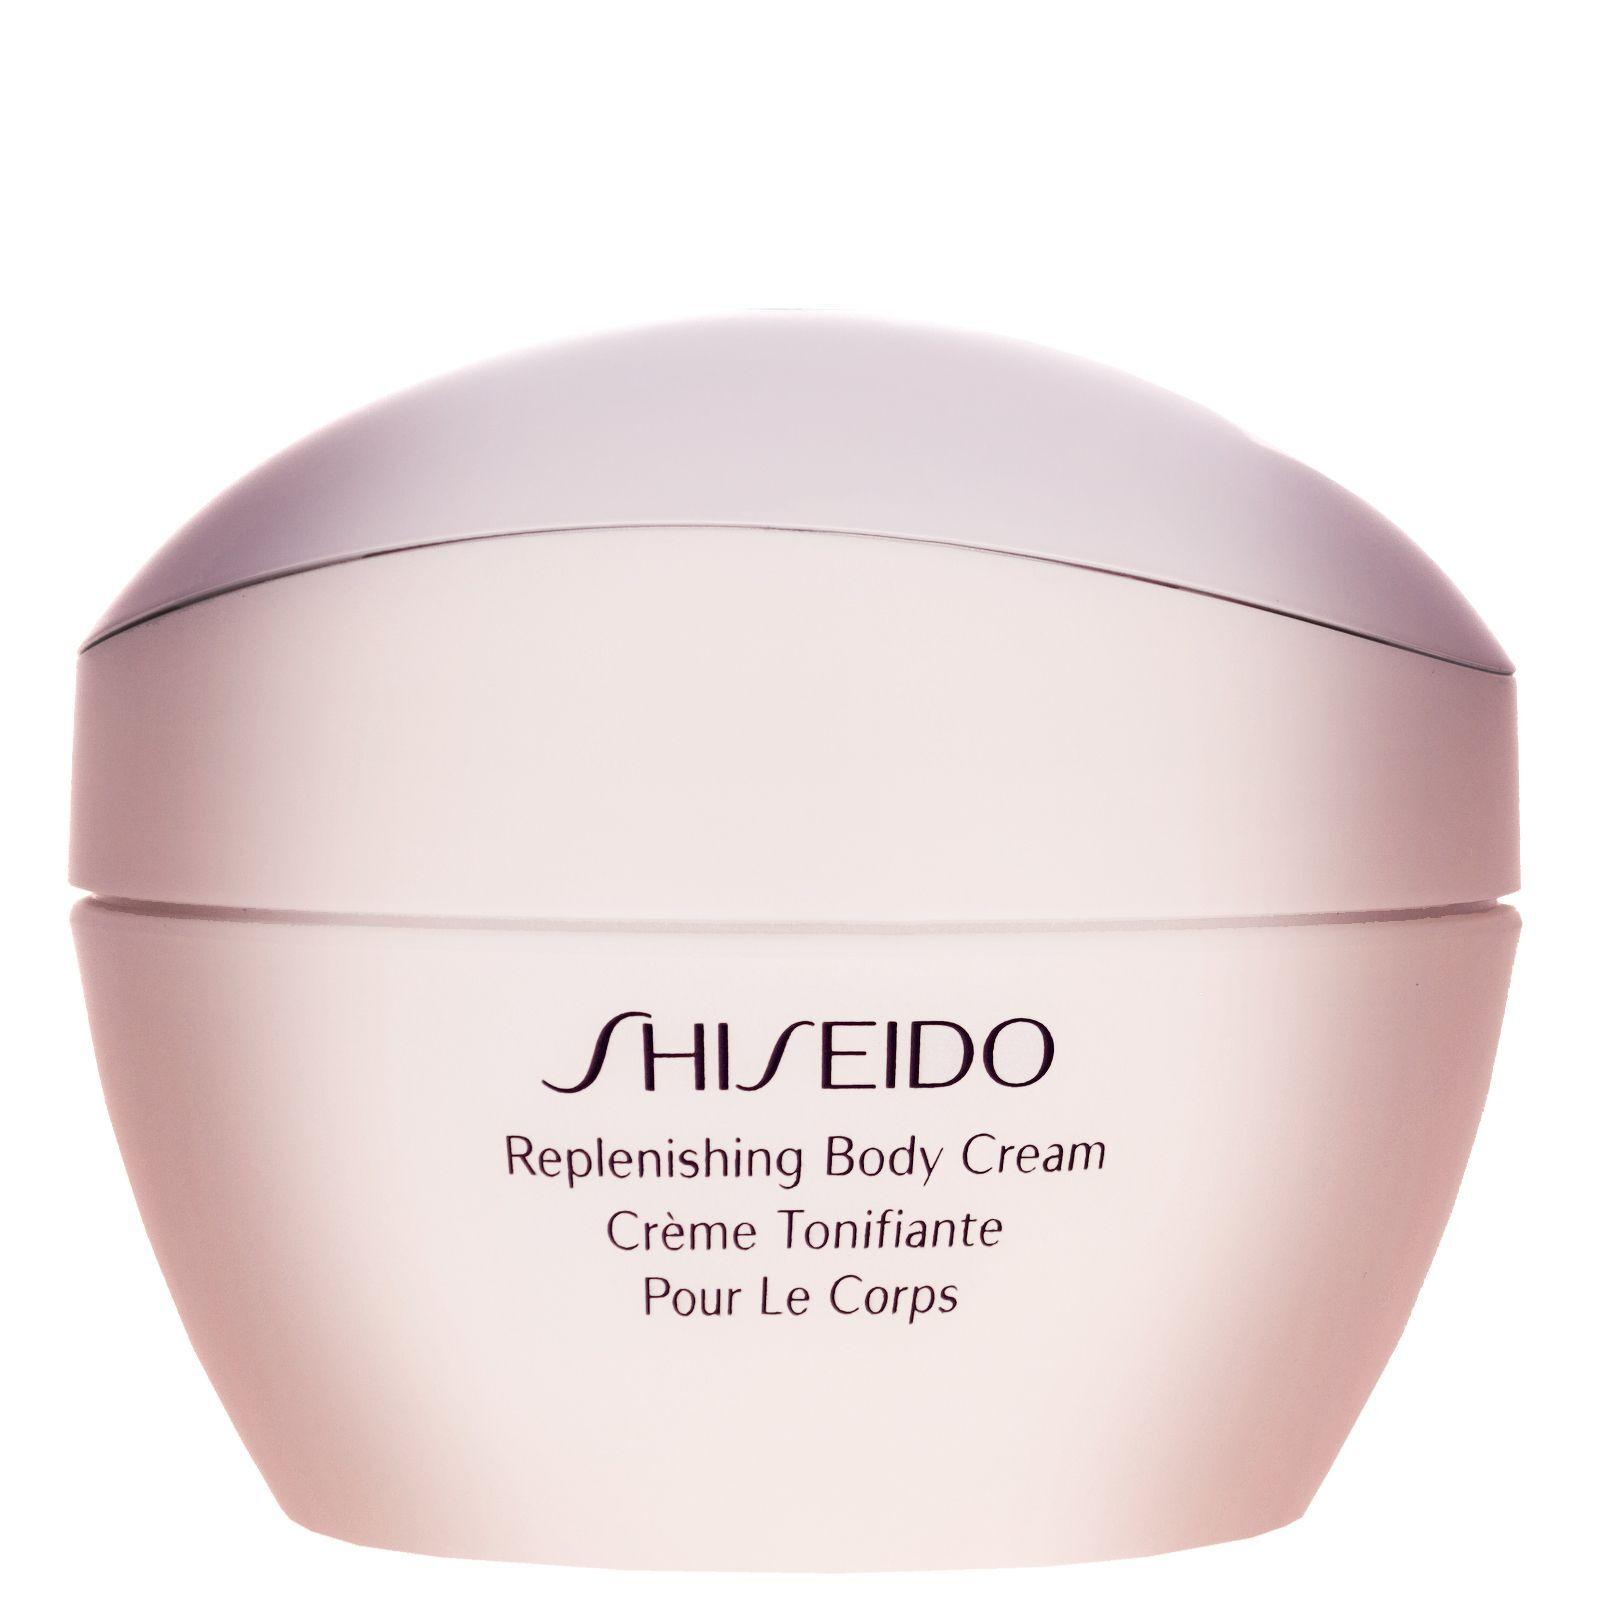 Shiseido Body Rifornire la crema per il corpo 200ml / 7.2 oz.